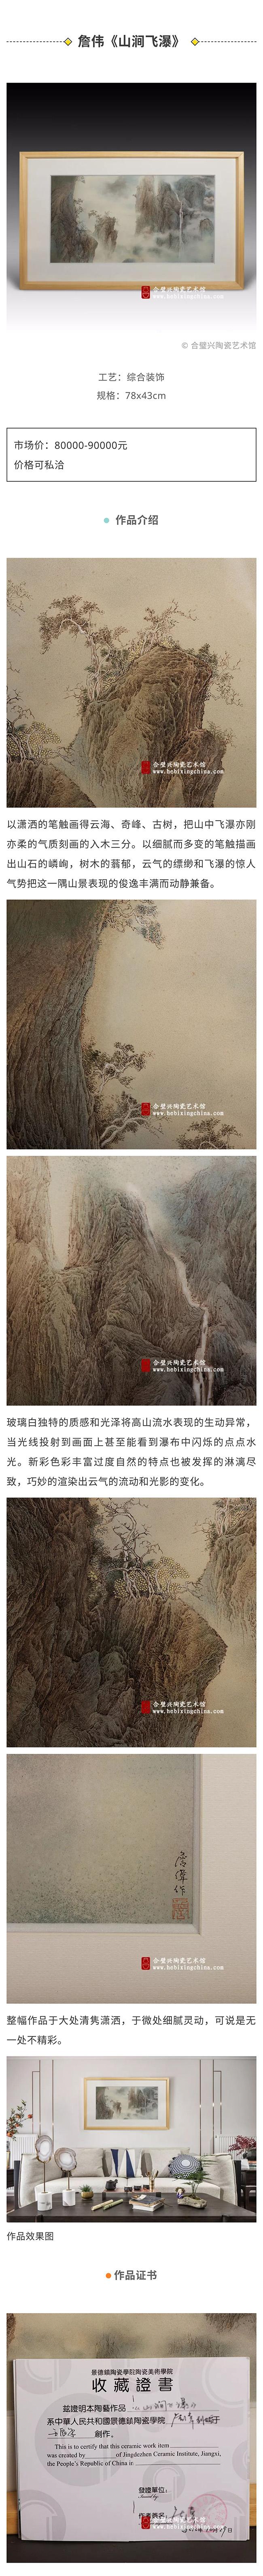 9詹伟 山涧飞瀑 小.jpg